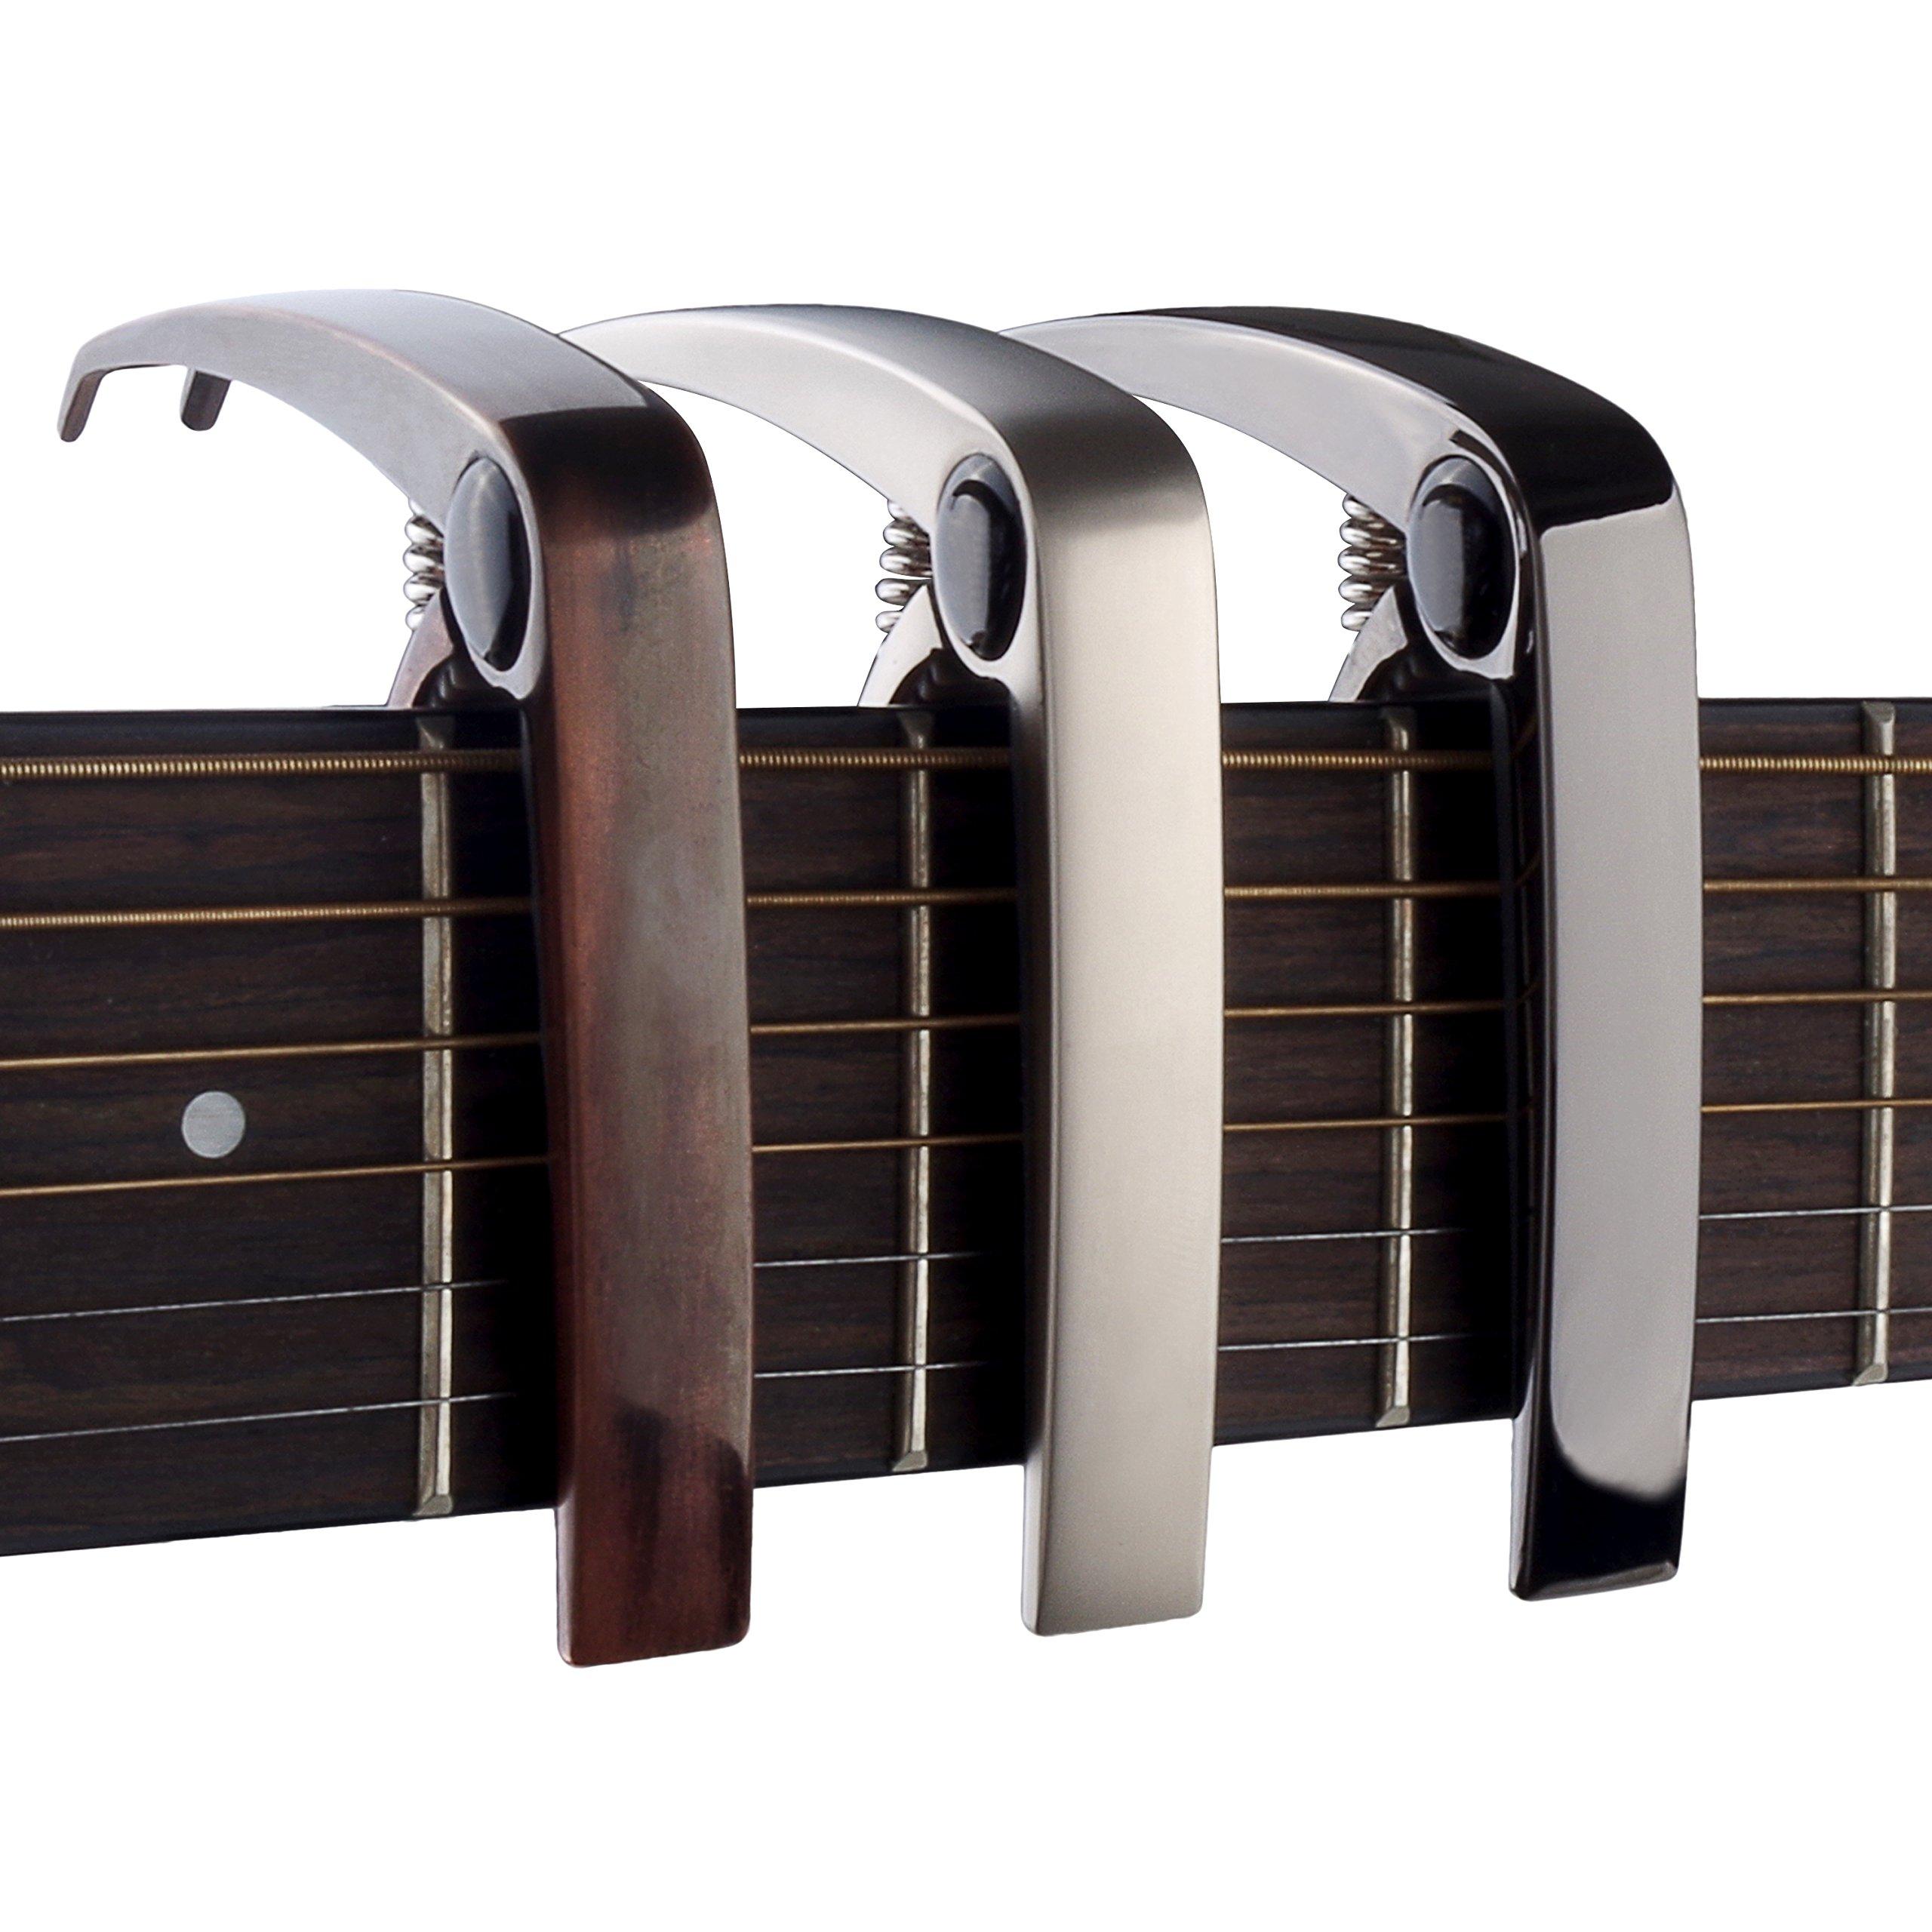 Cejilla Guitarra para Guitarra Electrónica Clásica Acústica Aleación de Zinc Fácil de poner,duradero,Muy Robusto y Rápido de colocar(Argénteo)